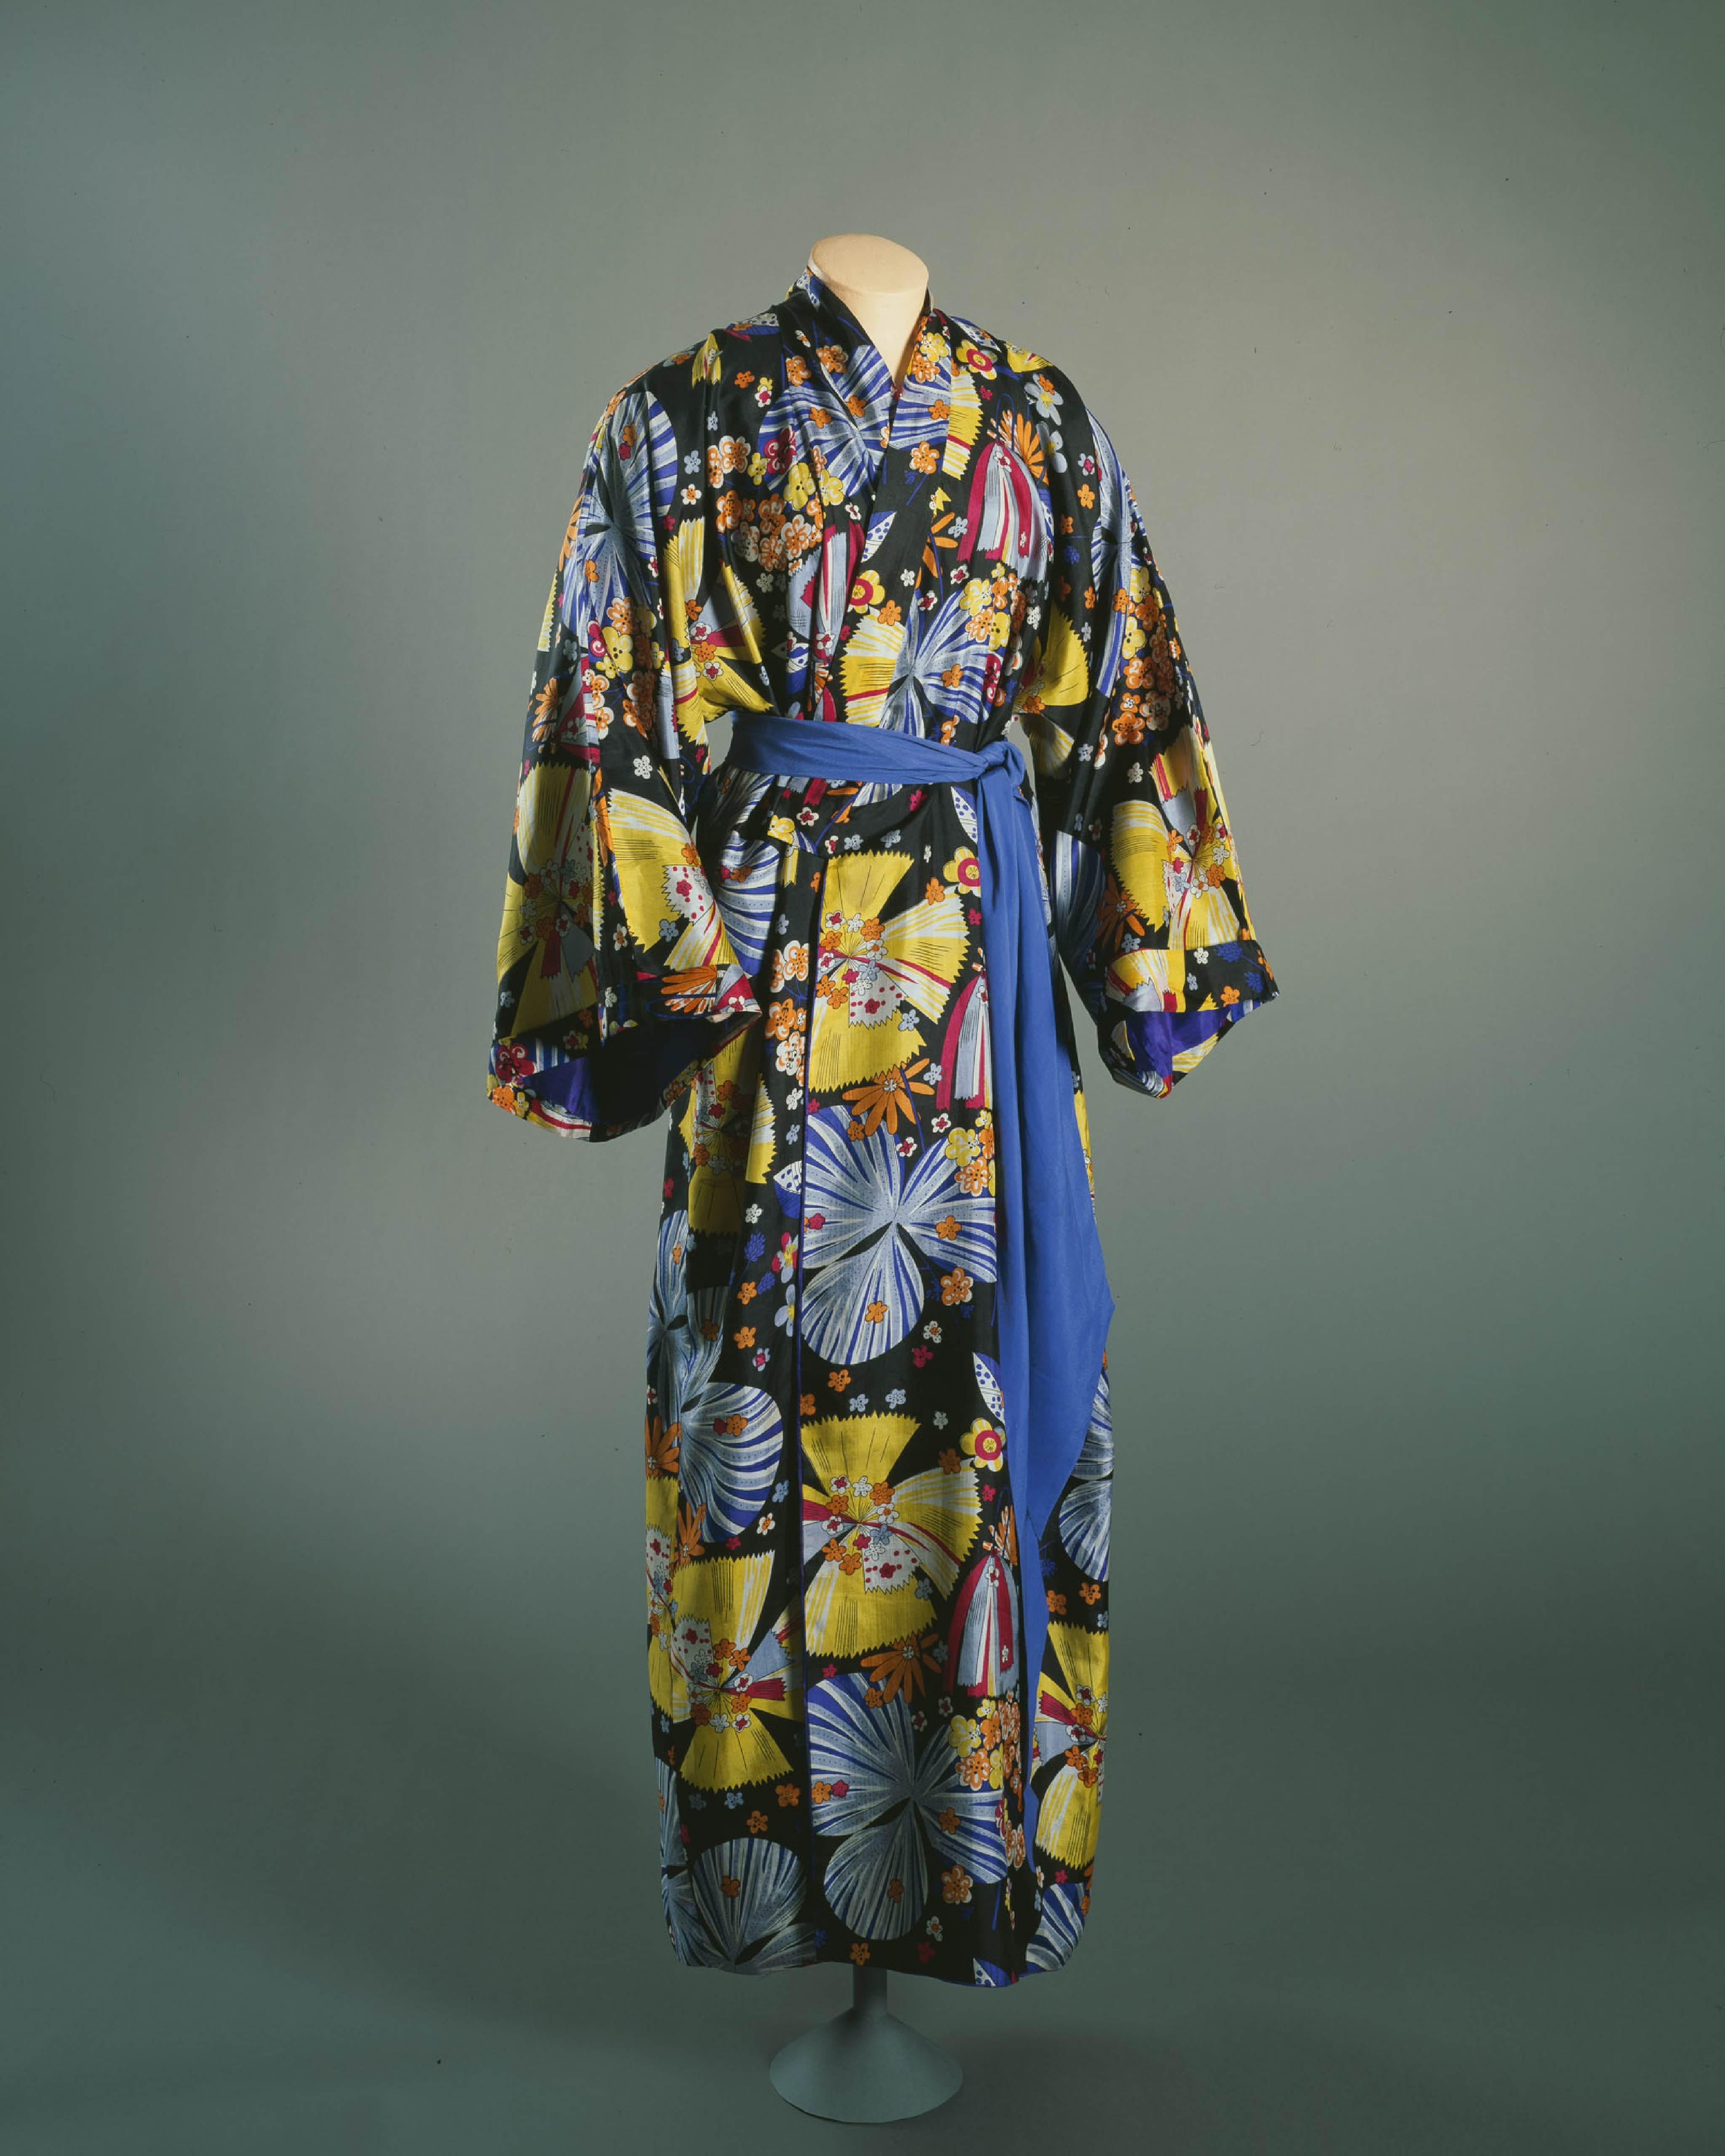 Kimono from Lola Fröhlich from Der blaue Engel (Germany 1930, Director: Josef von Sternberg)